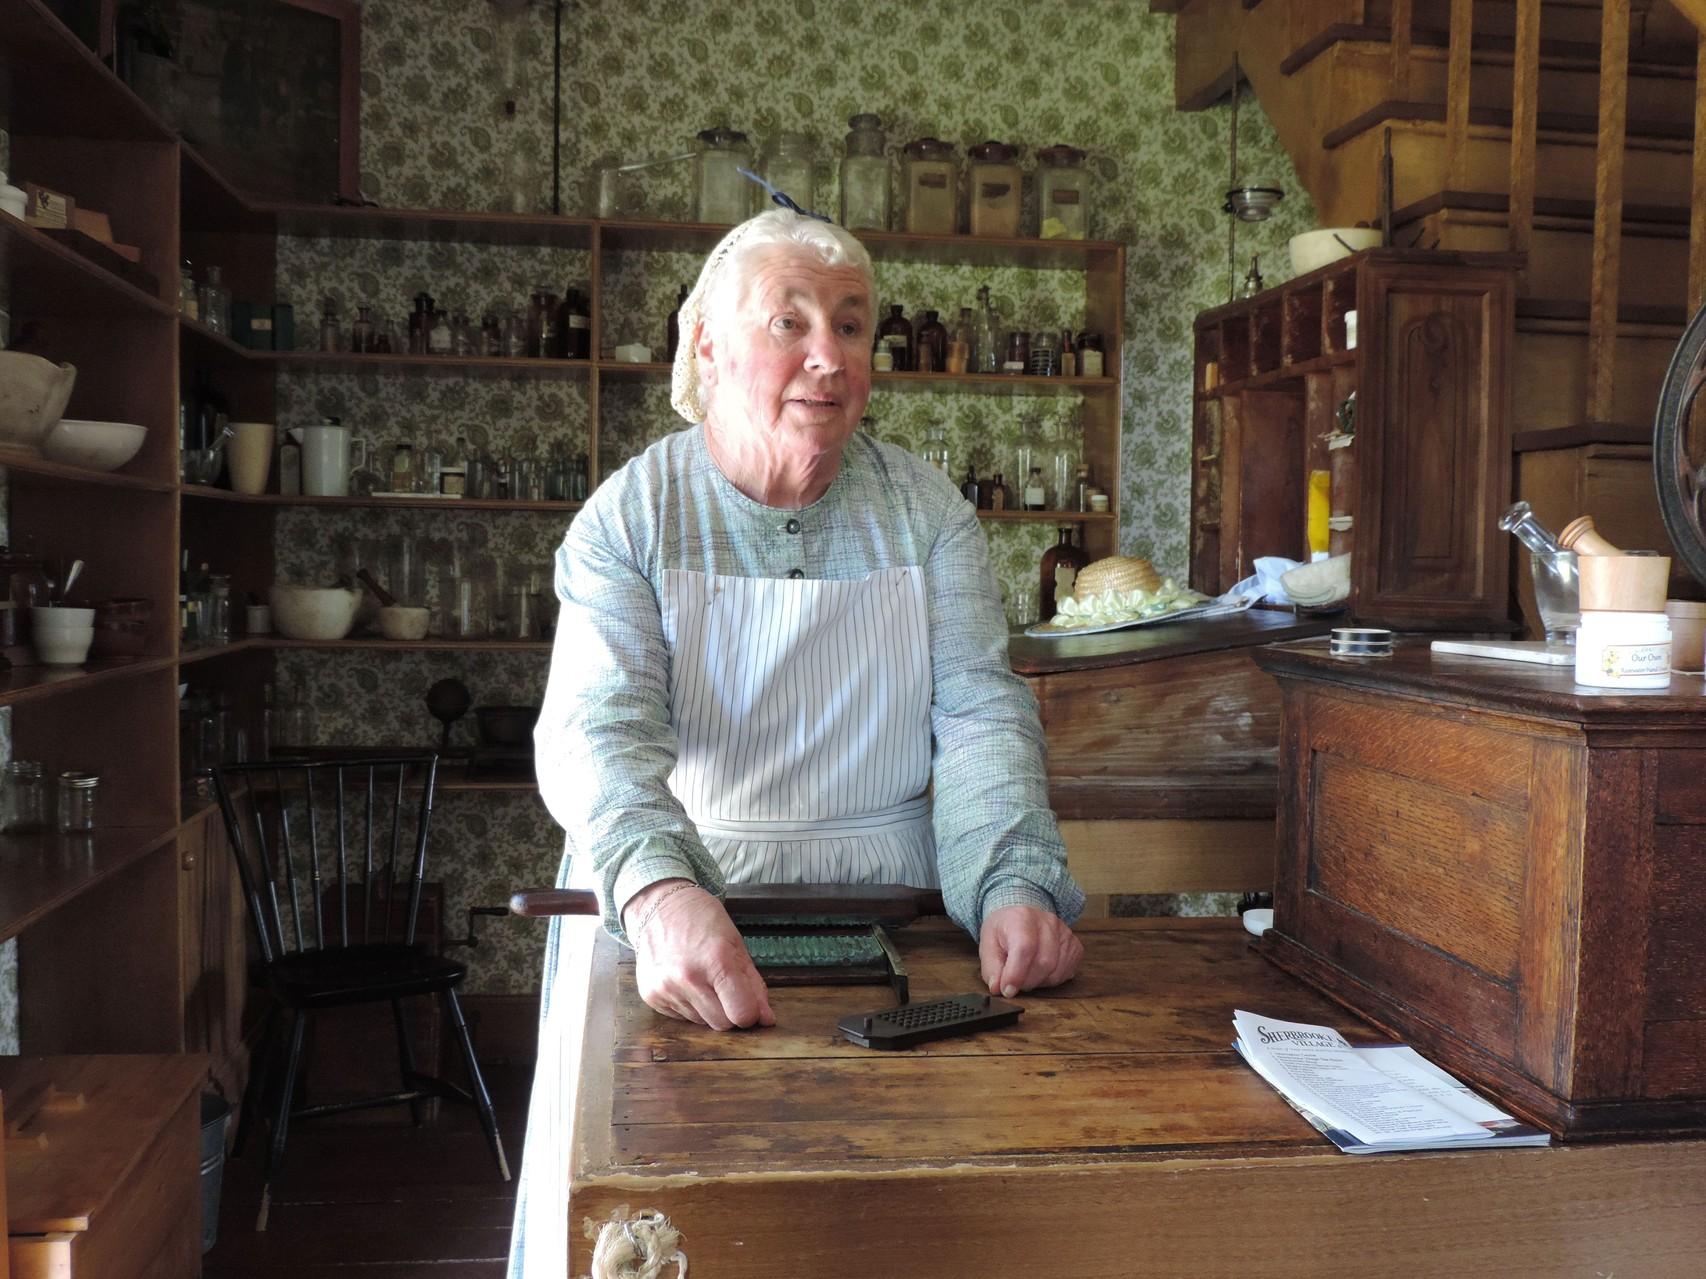 Apothekerin im Sherbrooke Village